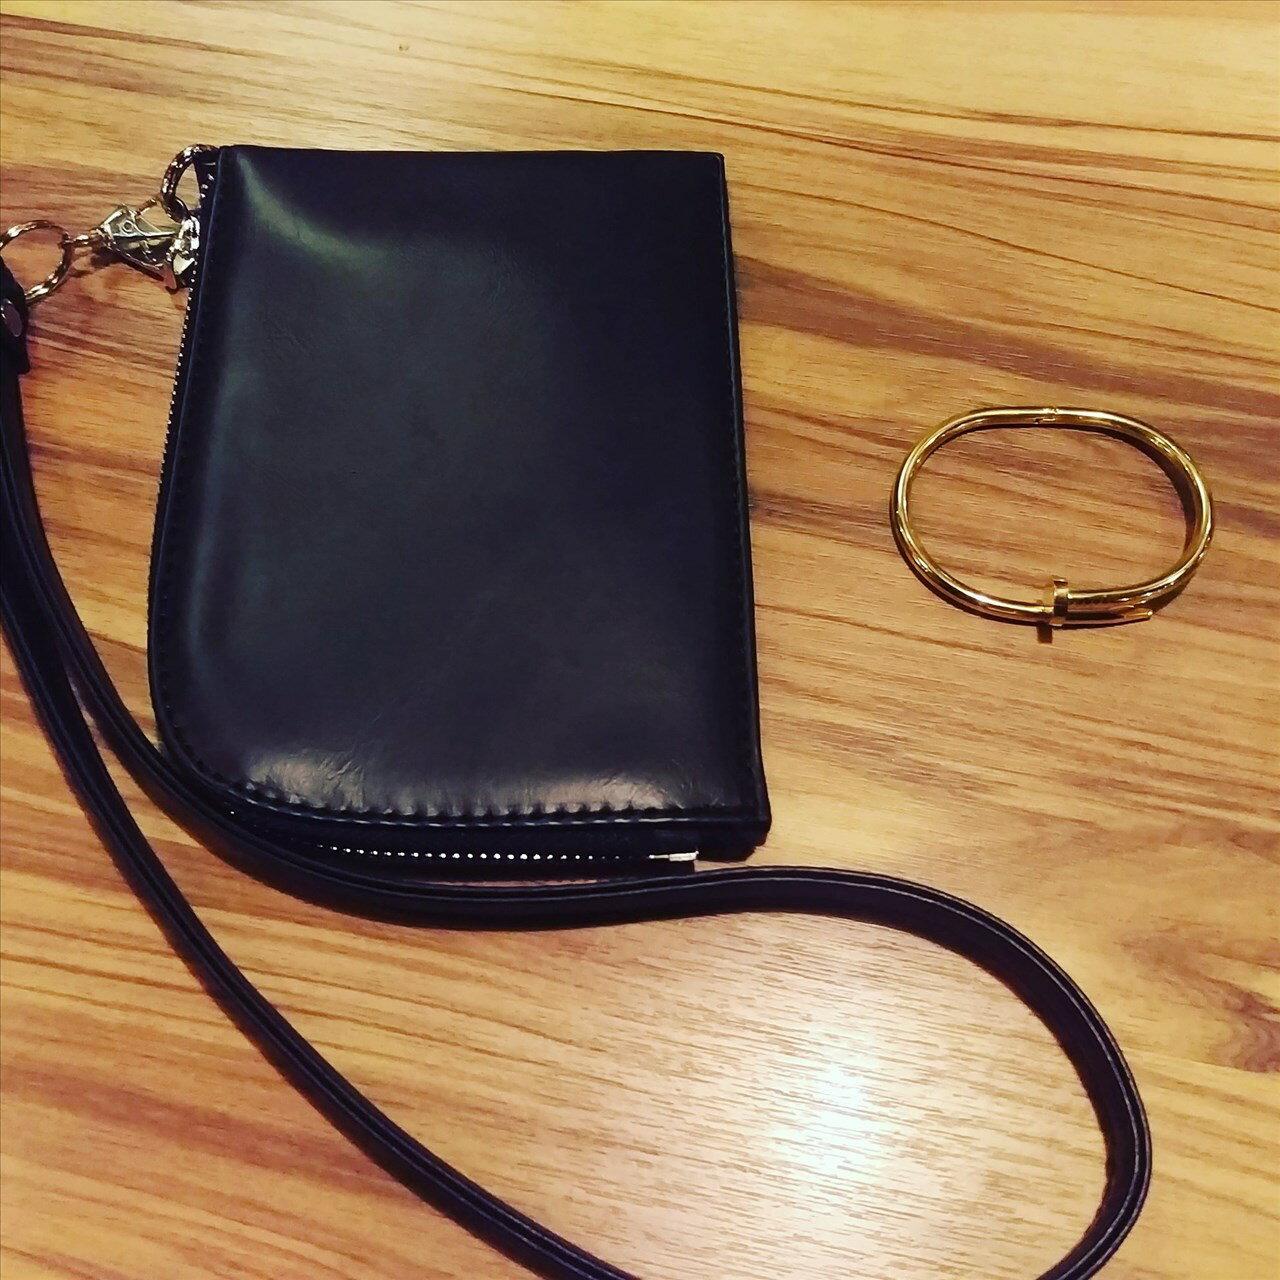 皮革 錢包 掛包 高品質版本 鋼版 手環 歐美手環 ㄧ起販售 掛包 掛頸包 手機包 買ㄧ送ㄧ